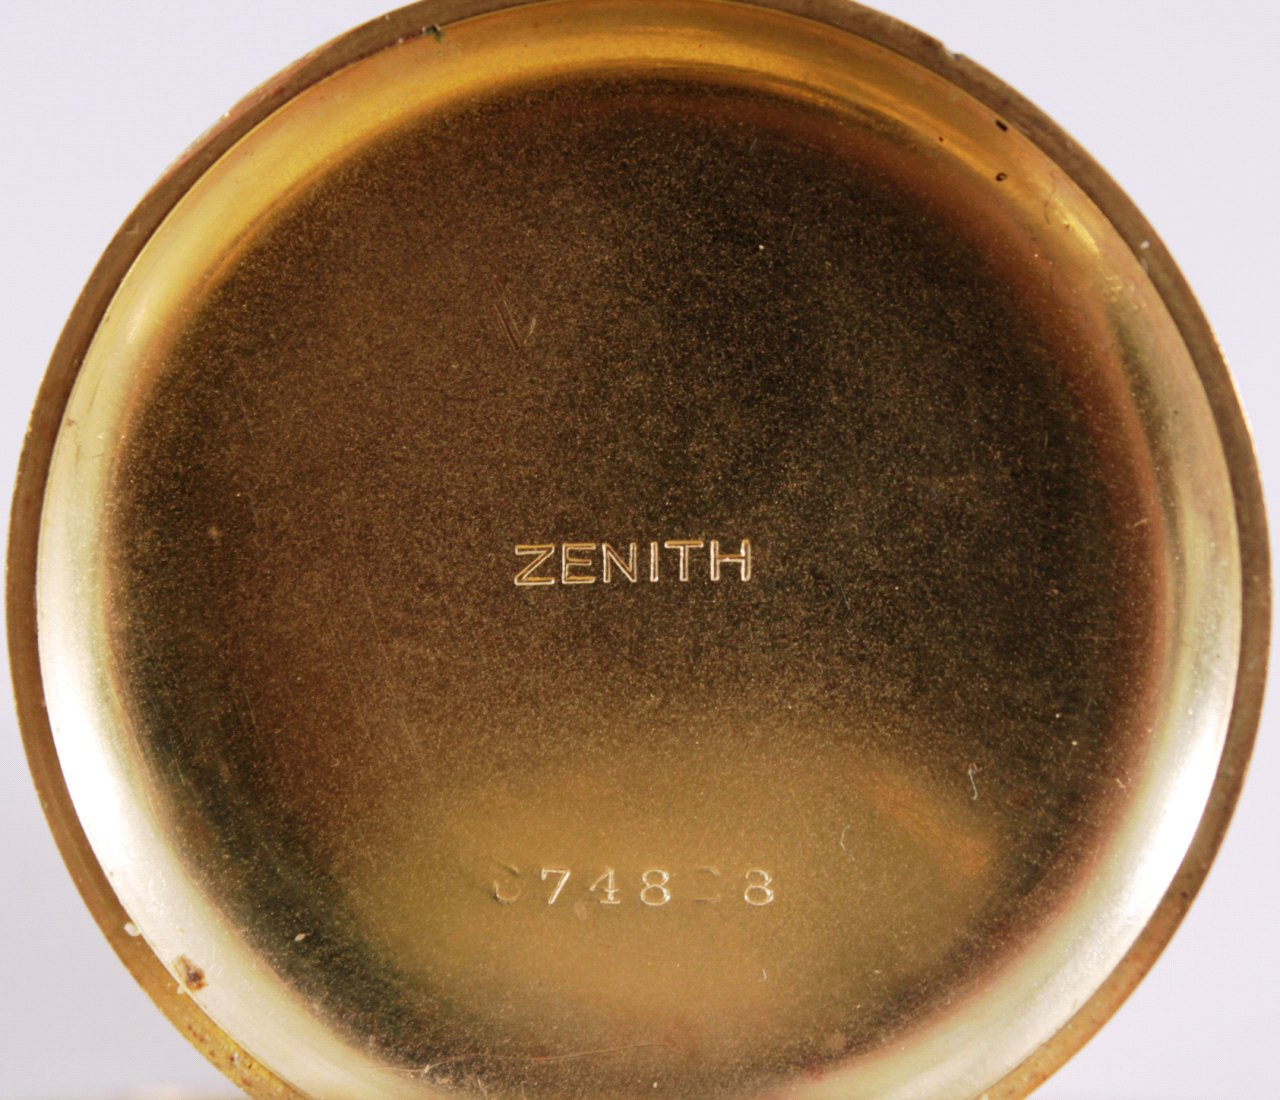 Zenith Herrentaschenuhr-3